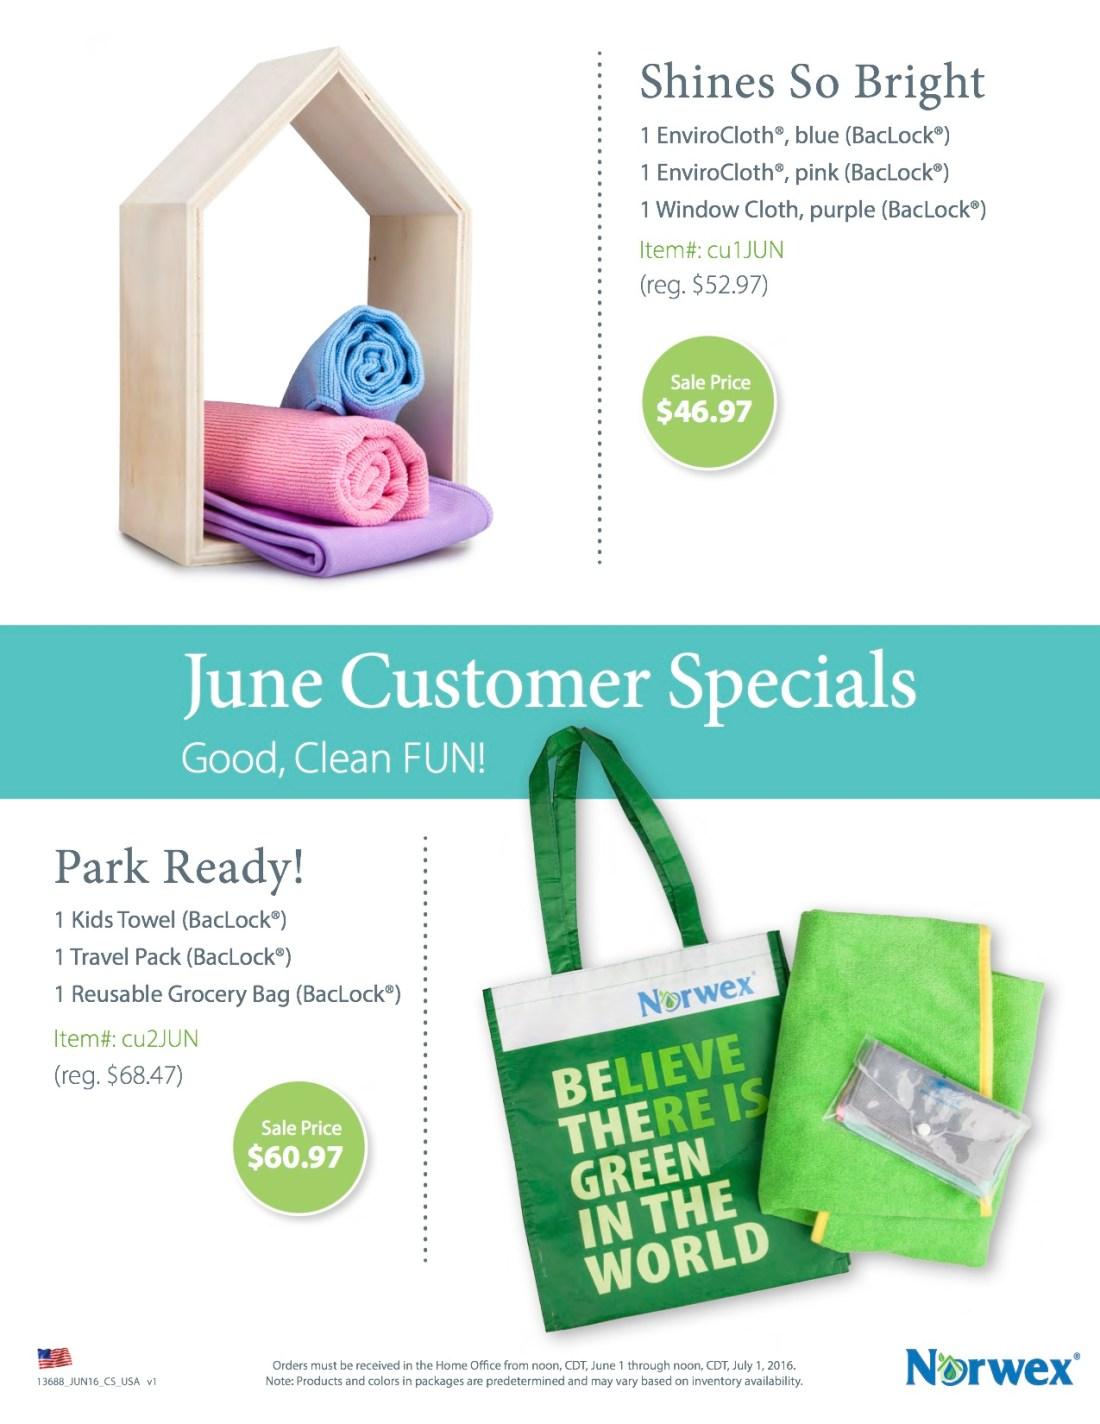 June 2016 Customer Specials